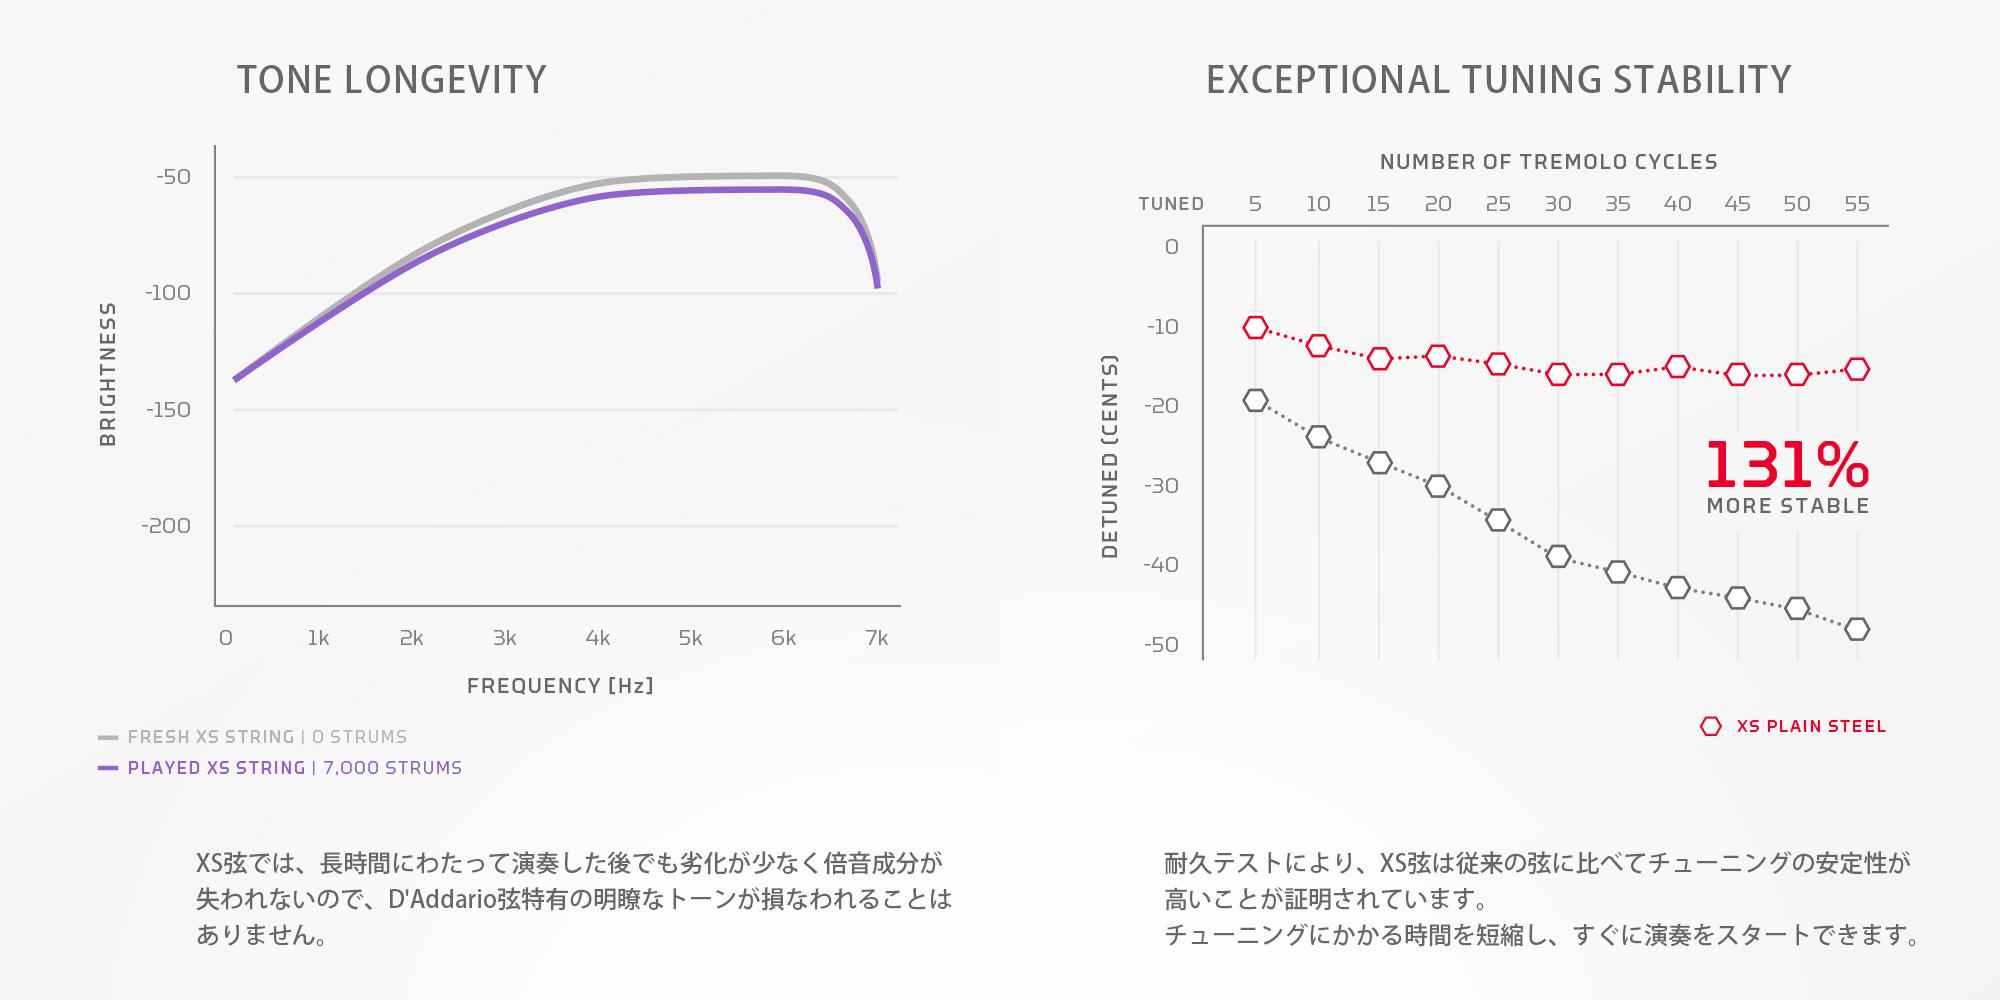 XSシリーズグラフ